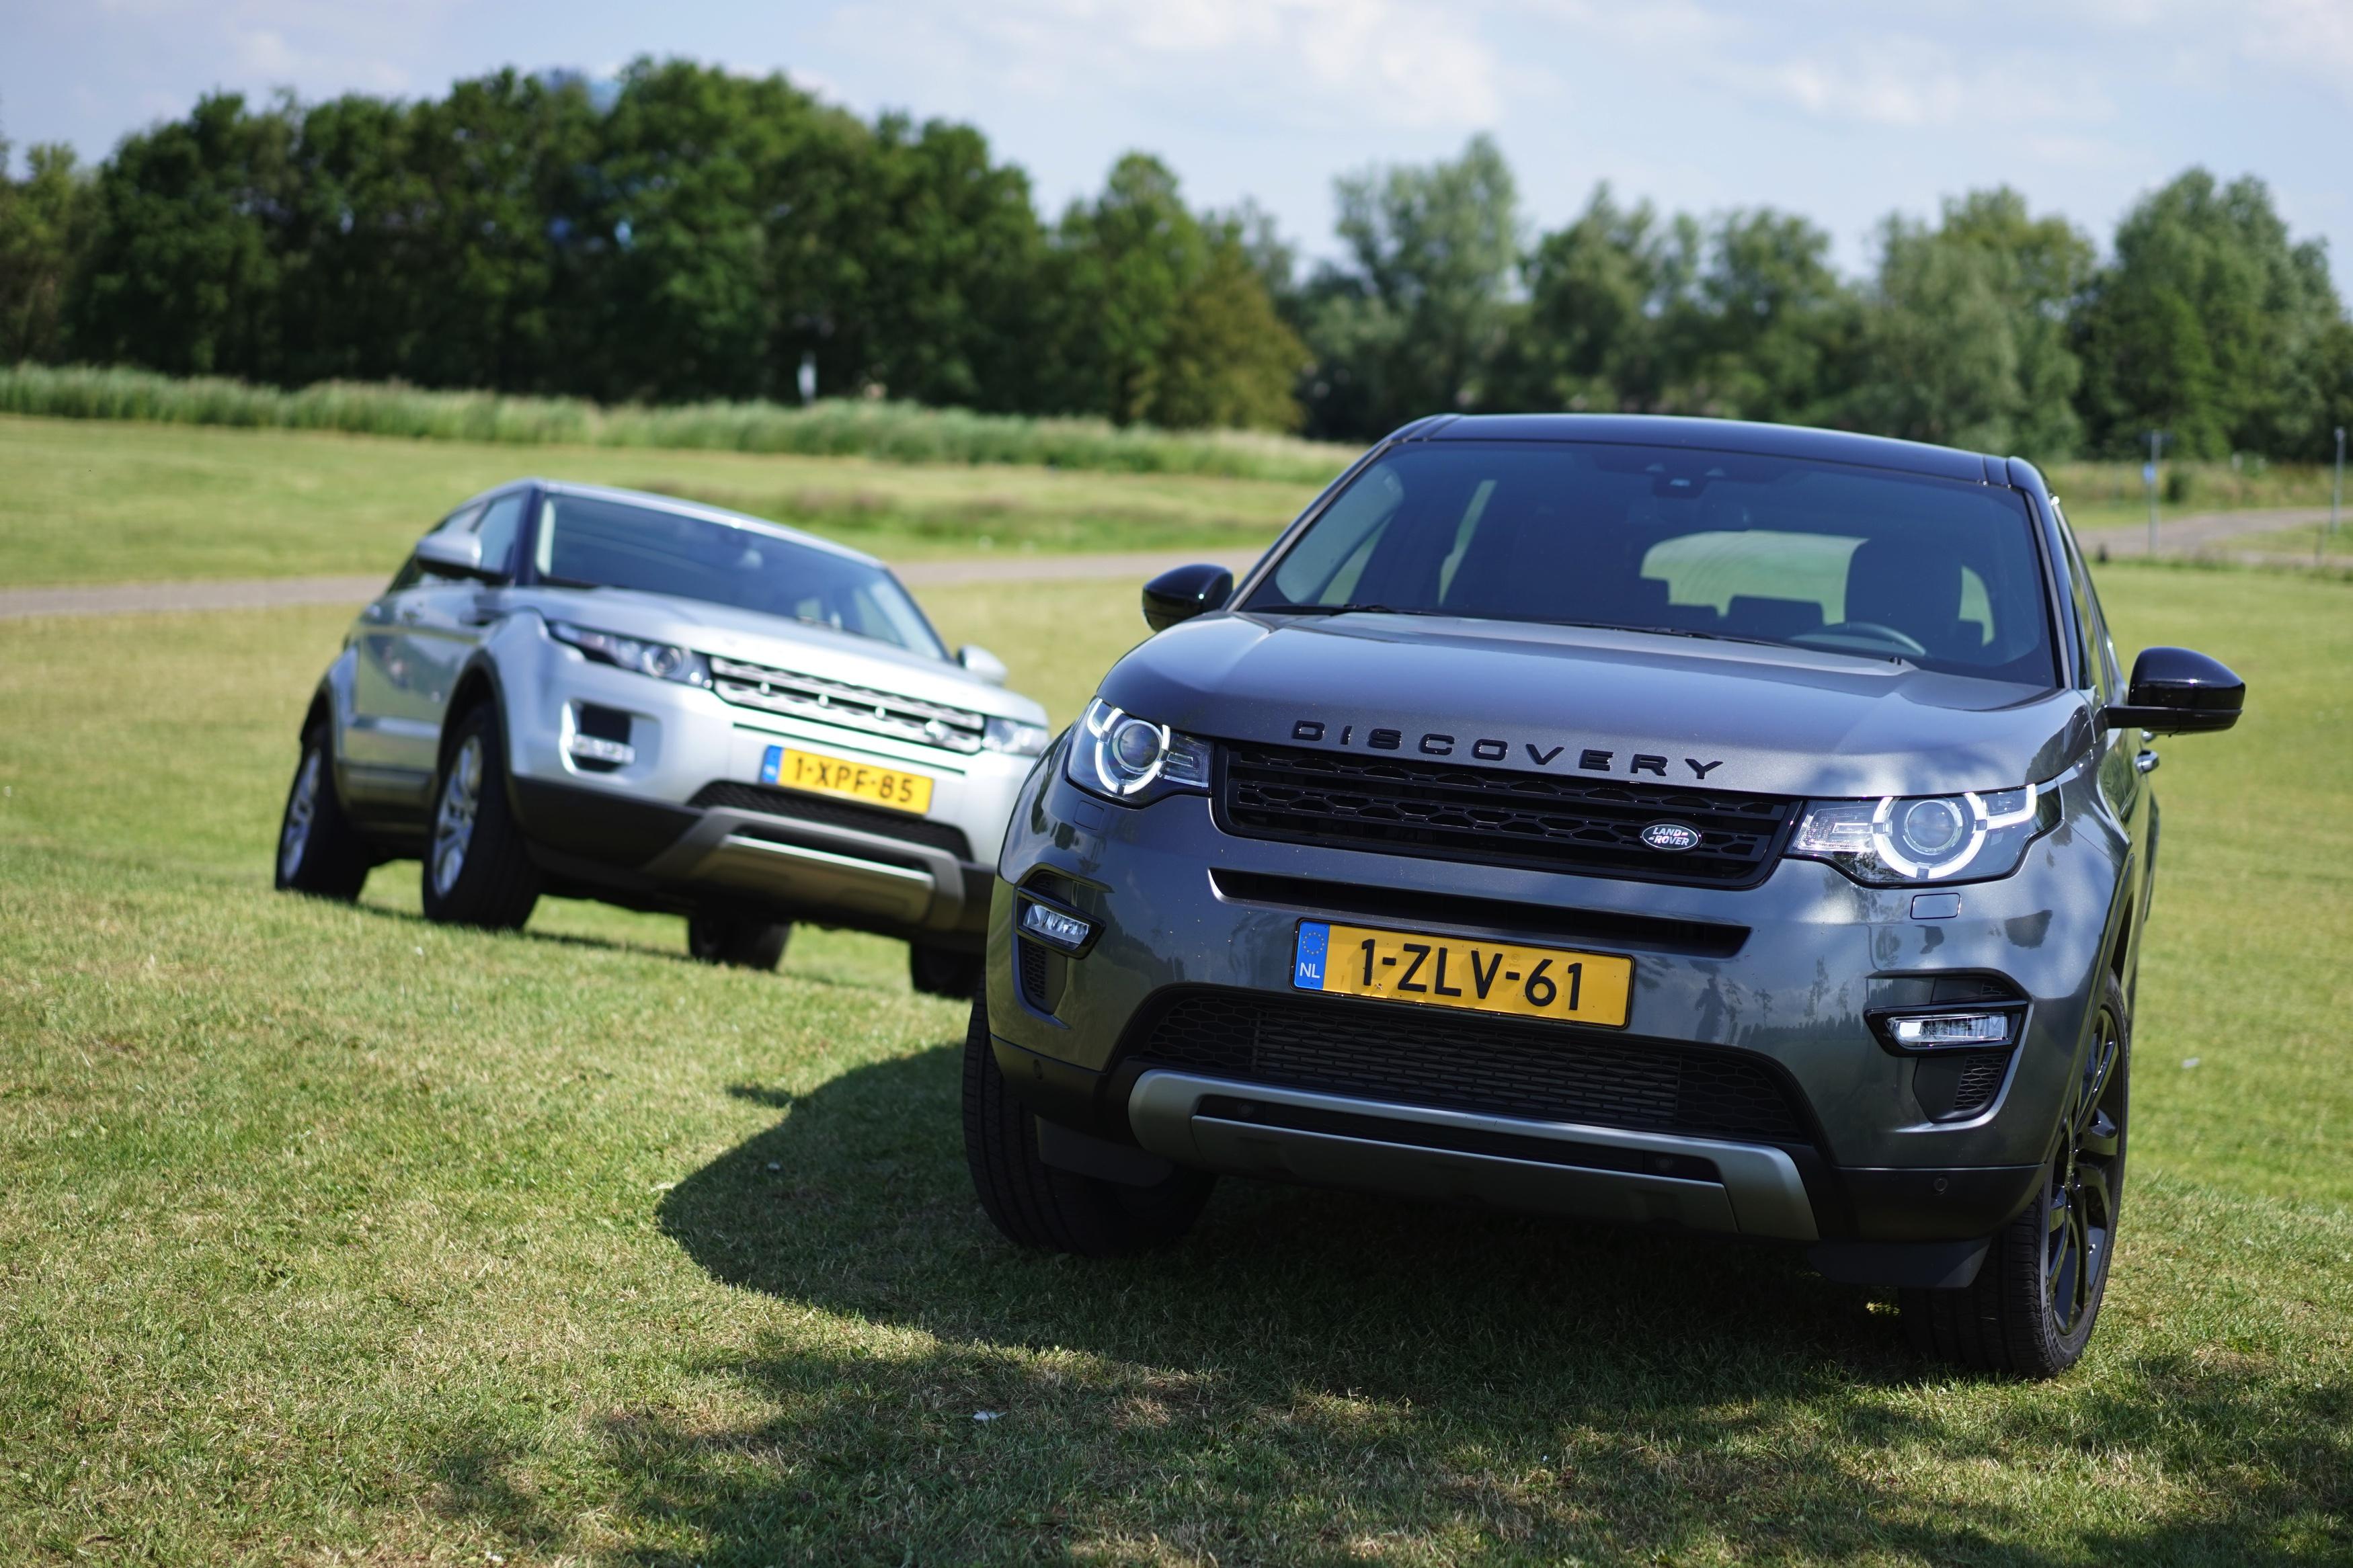 Range Rover Evoque Discovery Sport Afbeeldingen